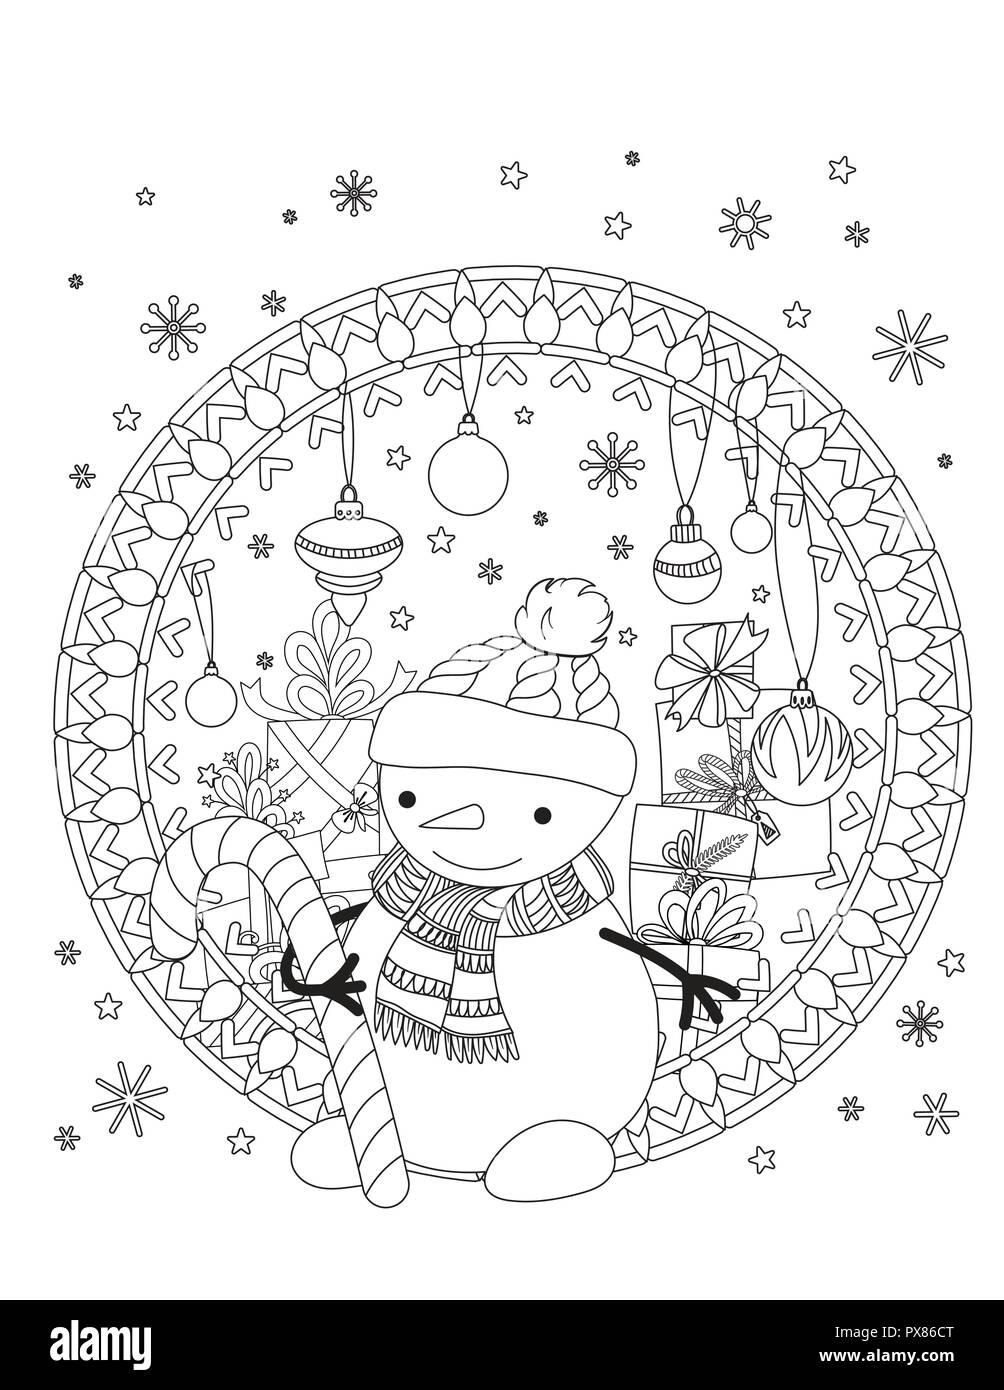 Coloriages De Noël Livre De Coloriage Adultes Cute Snowman Avec